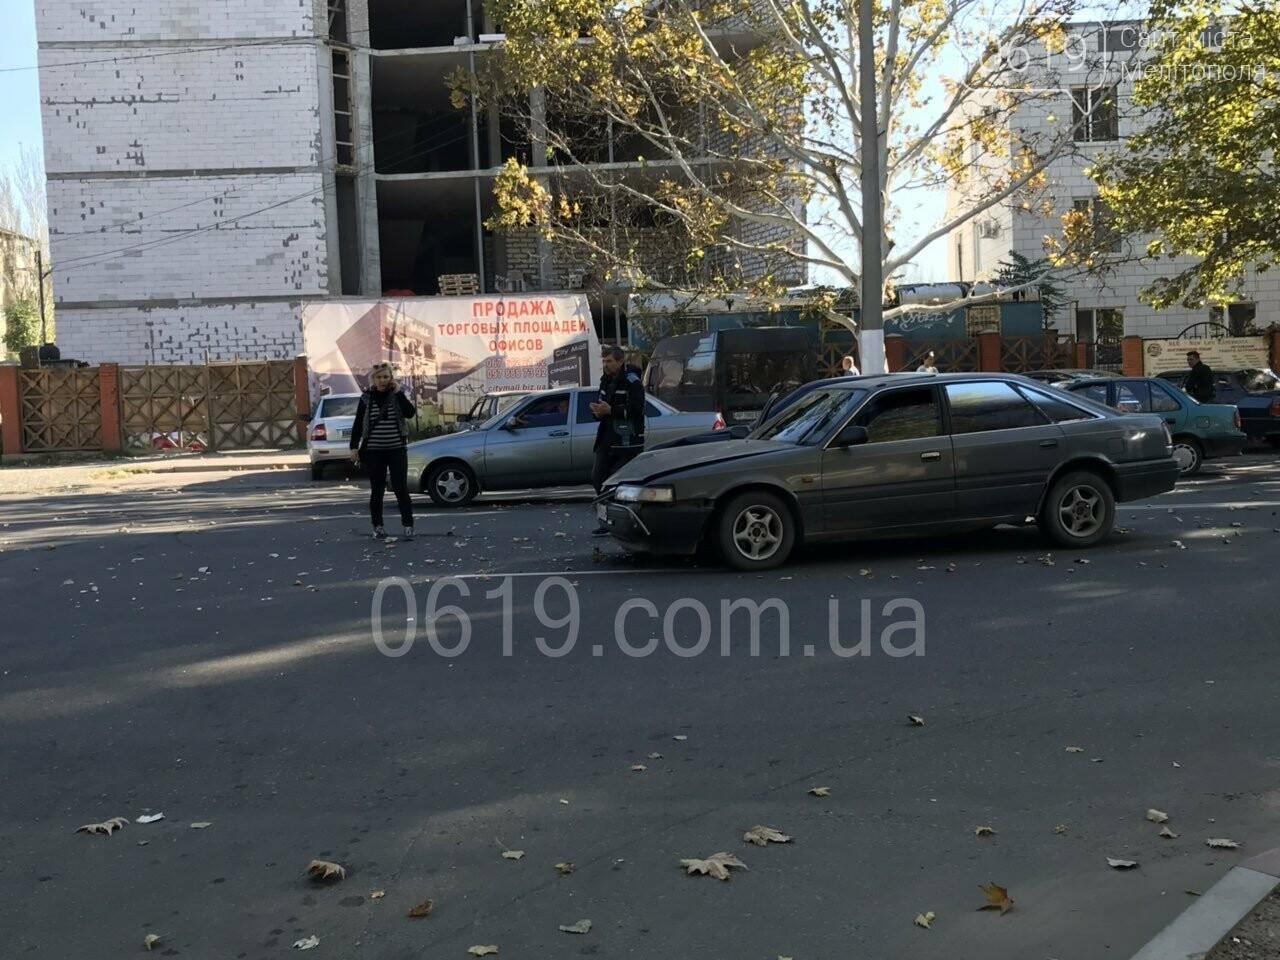 В Мелитополе столкнулись Opel и Mazda, - ФОТО, фото-3